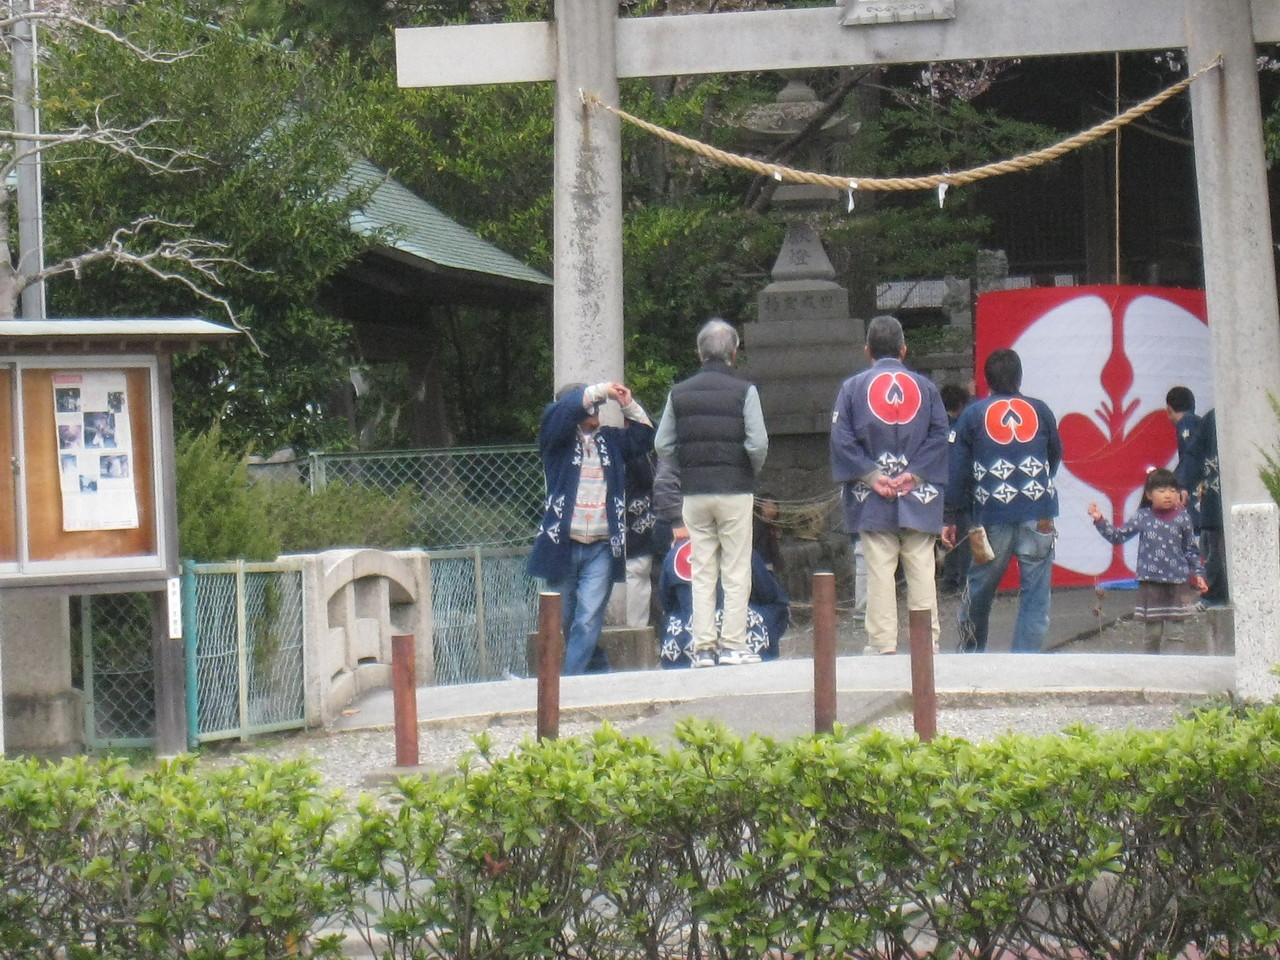 もうすぐ浜松祭りの季節ですね